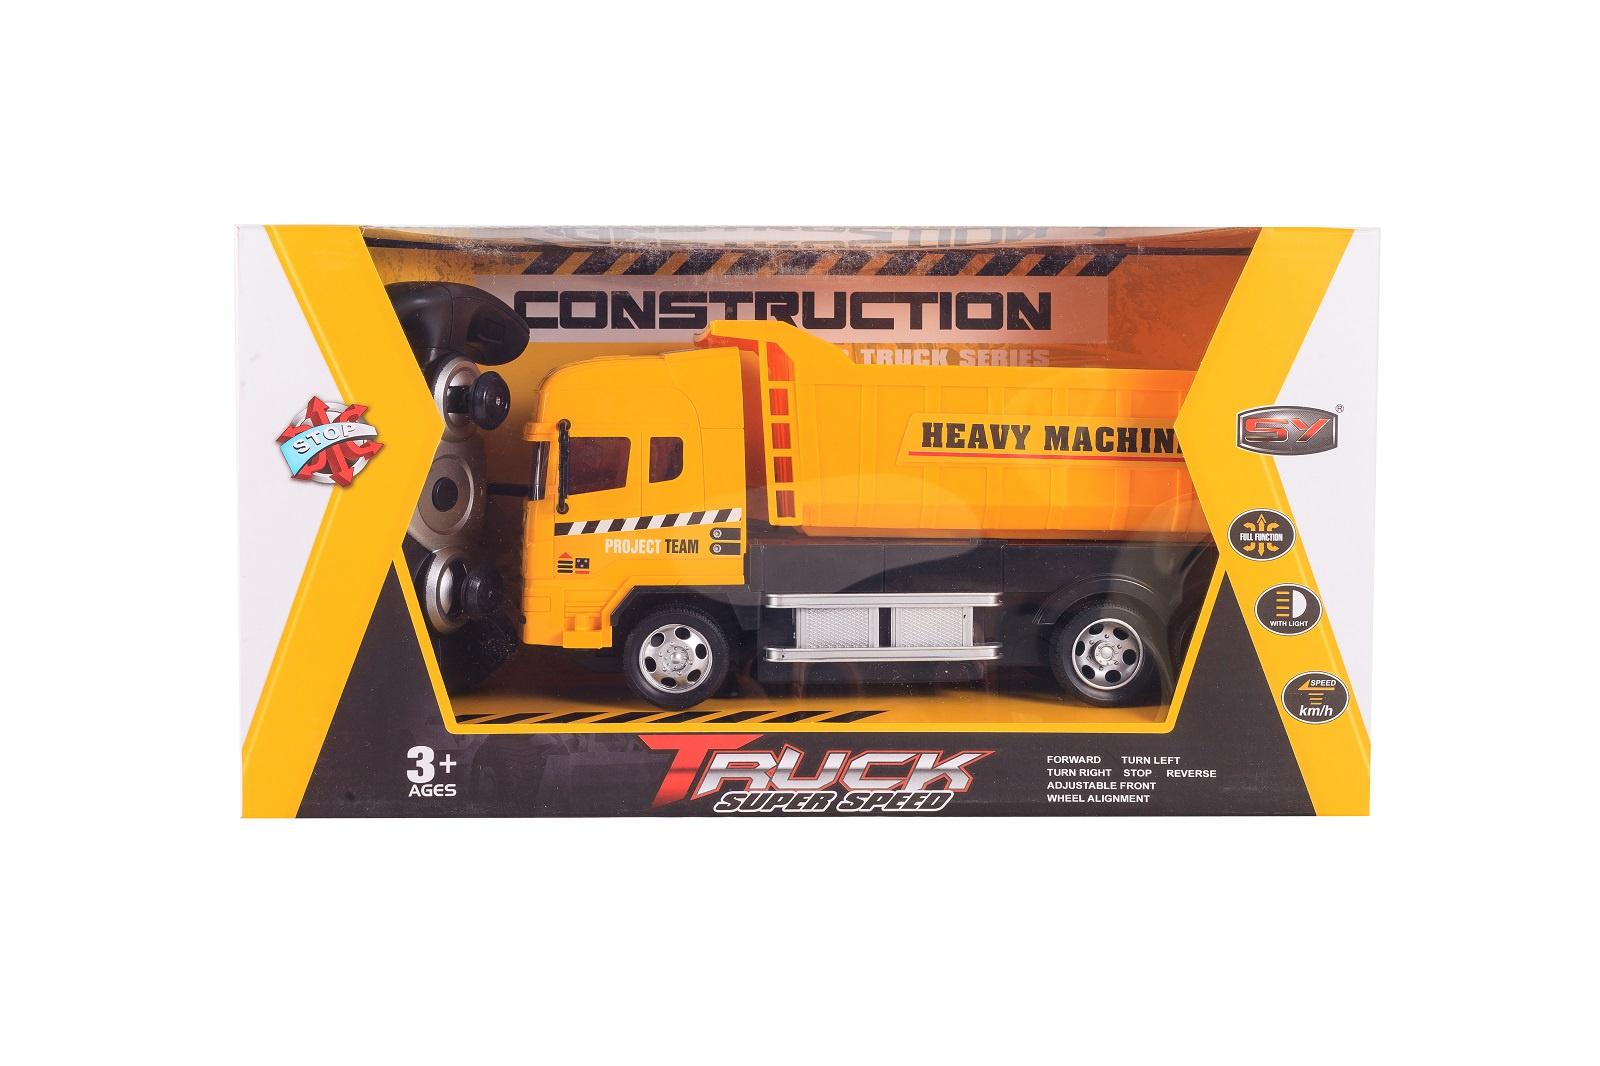 Машинка радиоуправляемая S+S Toys Стройтехника, 200124139, желтый автомобиль на радиоуправлении s s toys 101036658 на батарейках белый